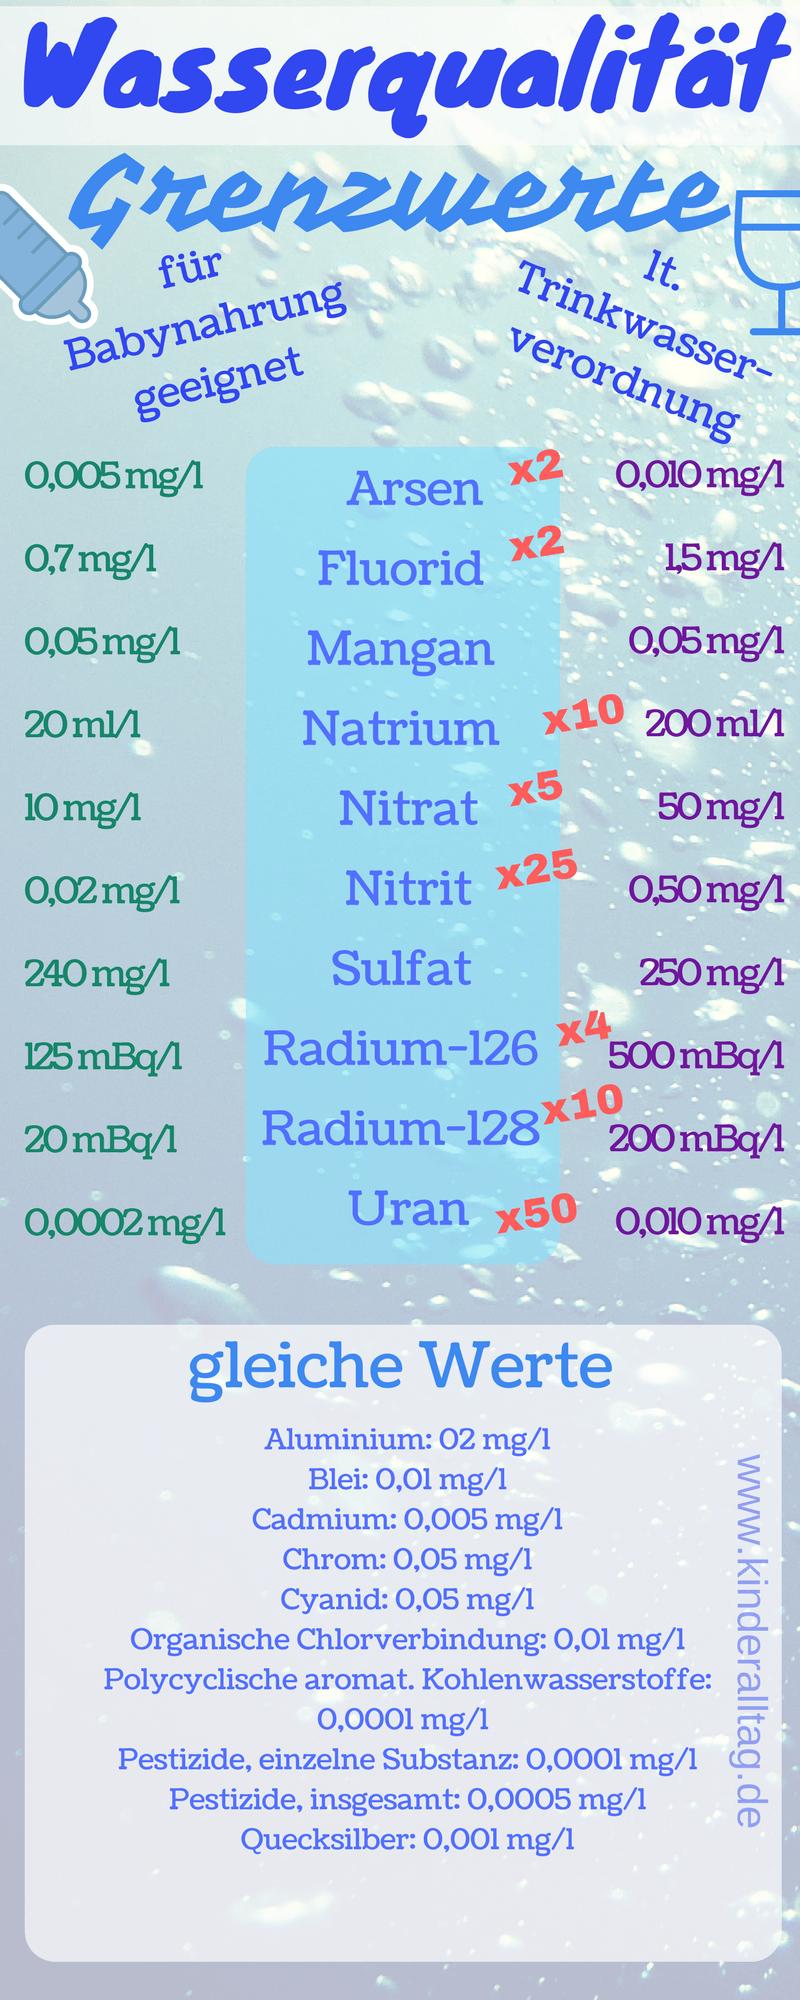 Infografik Wasserqualität auf kinderalltag.de